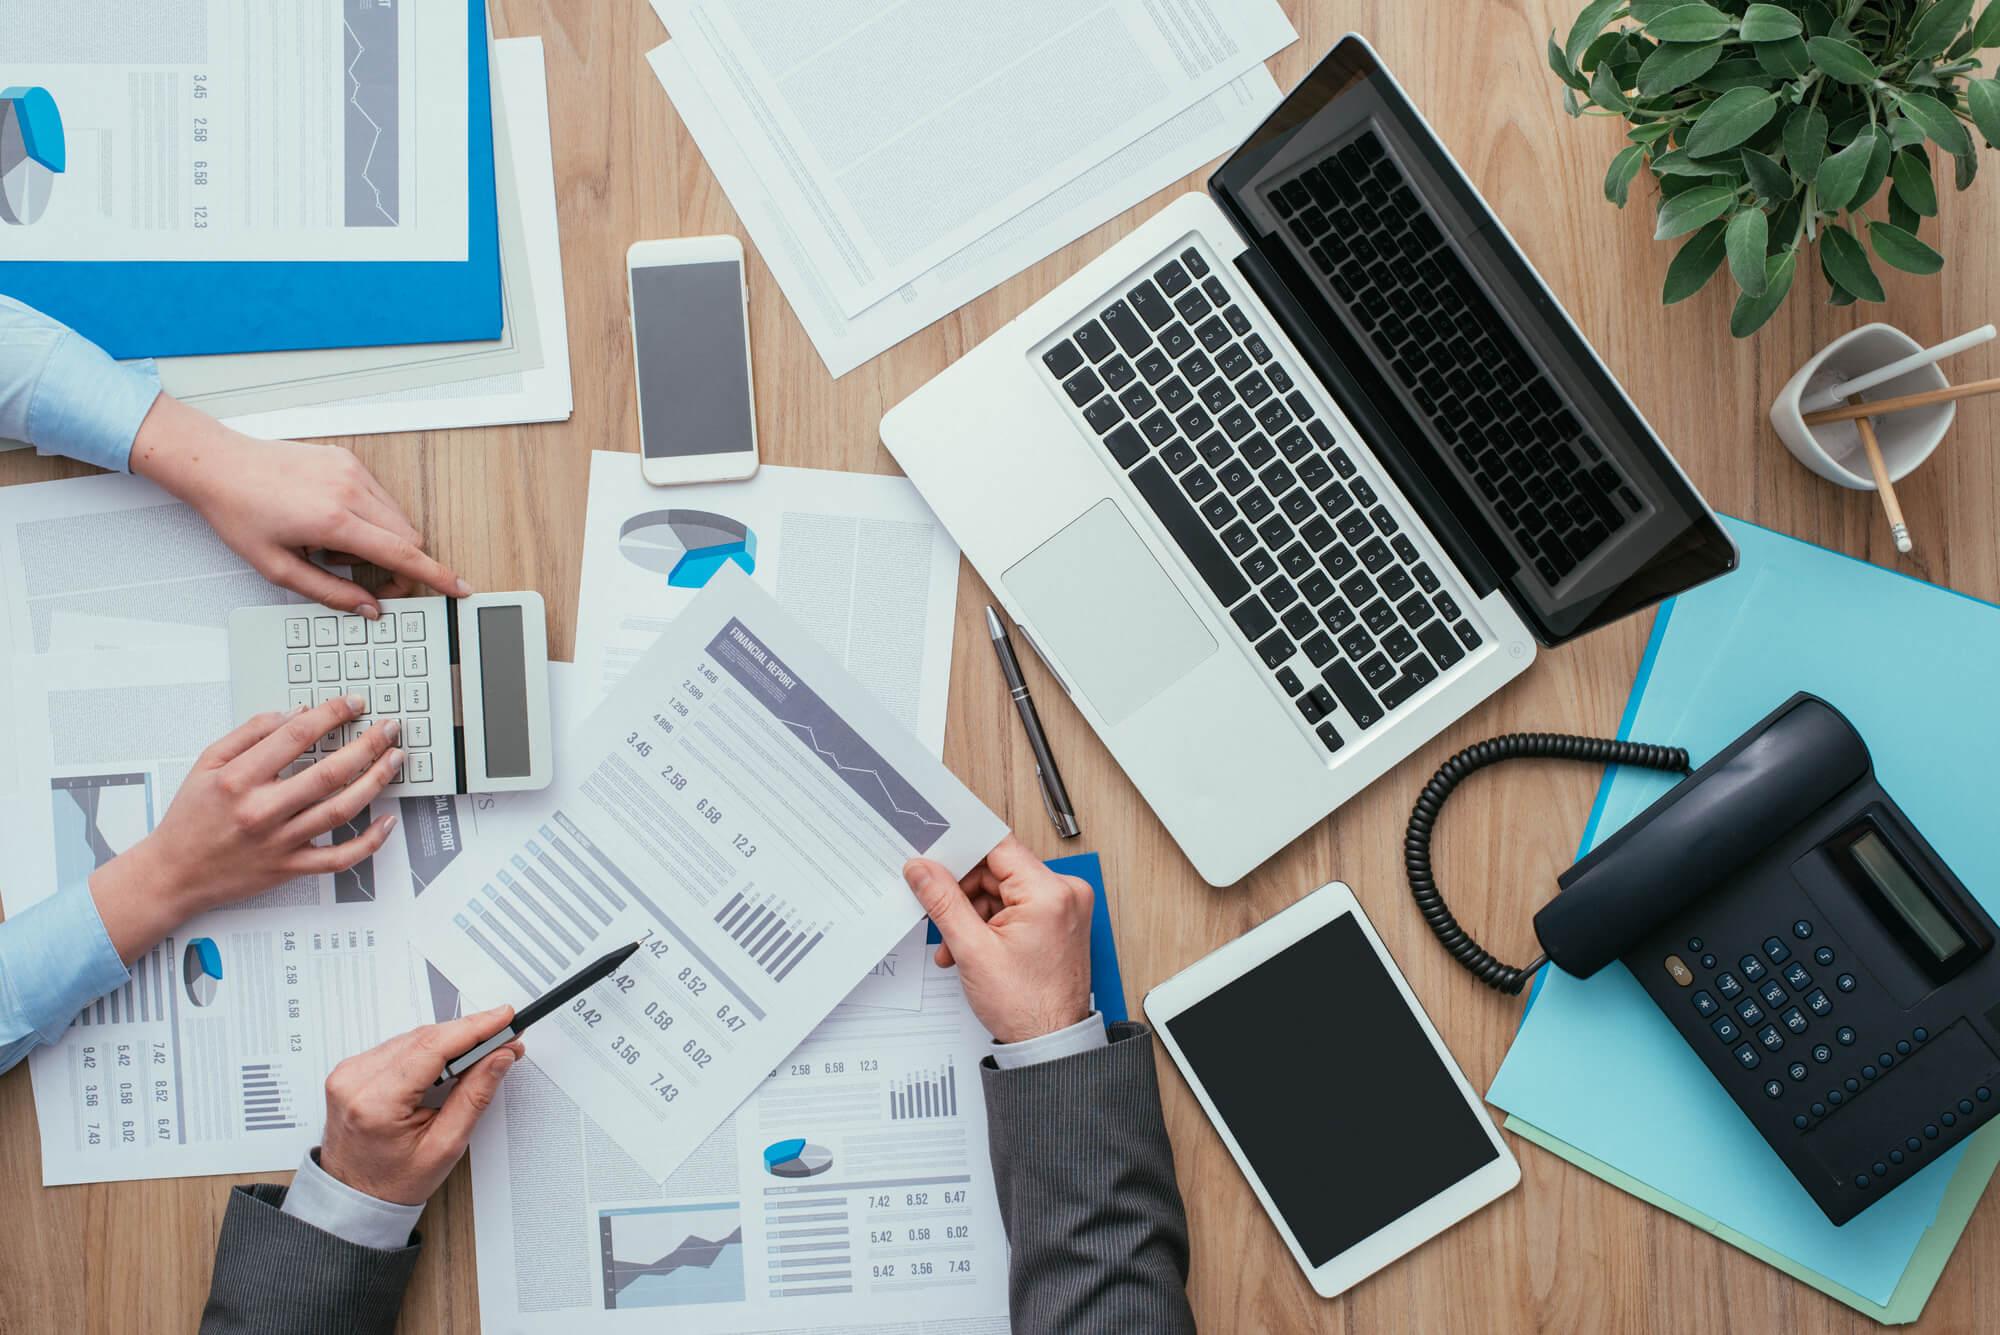 финансовый и бухгалтерский аутсорсинг